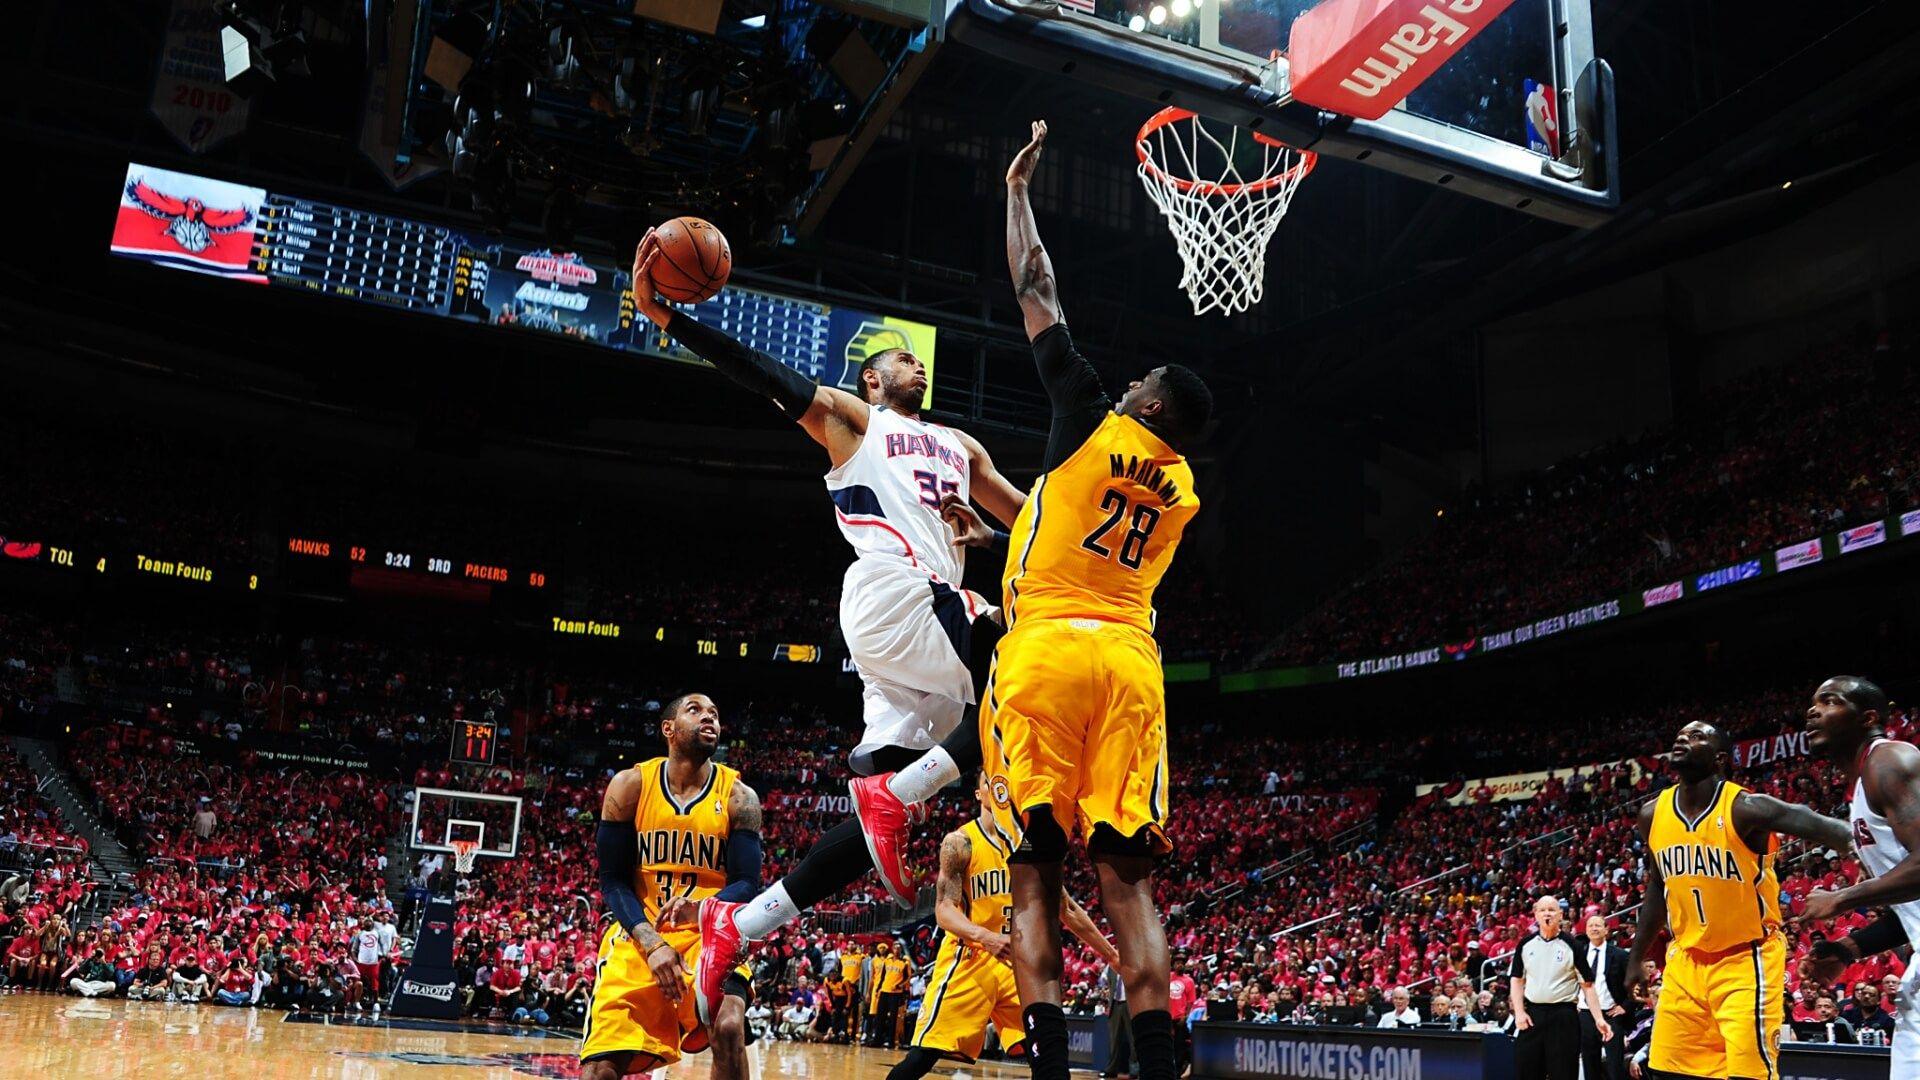 Kentucky Basketball nice wallpaper